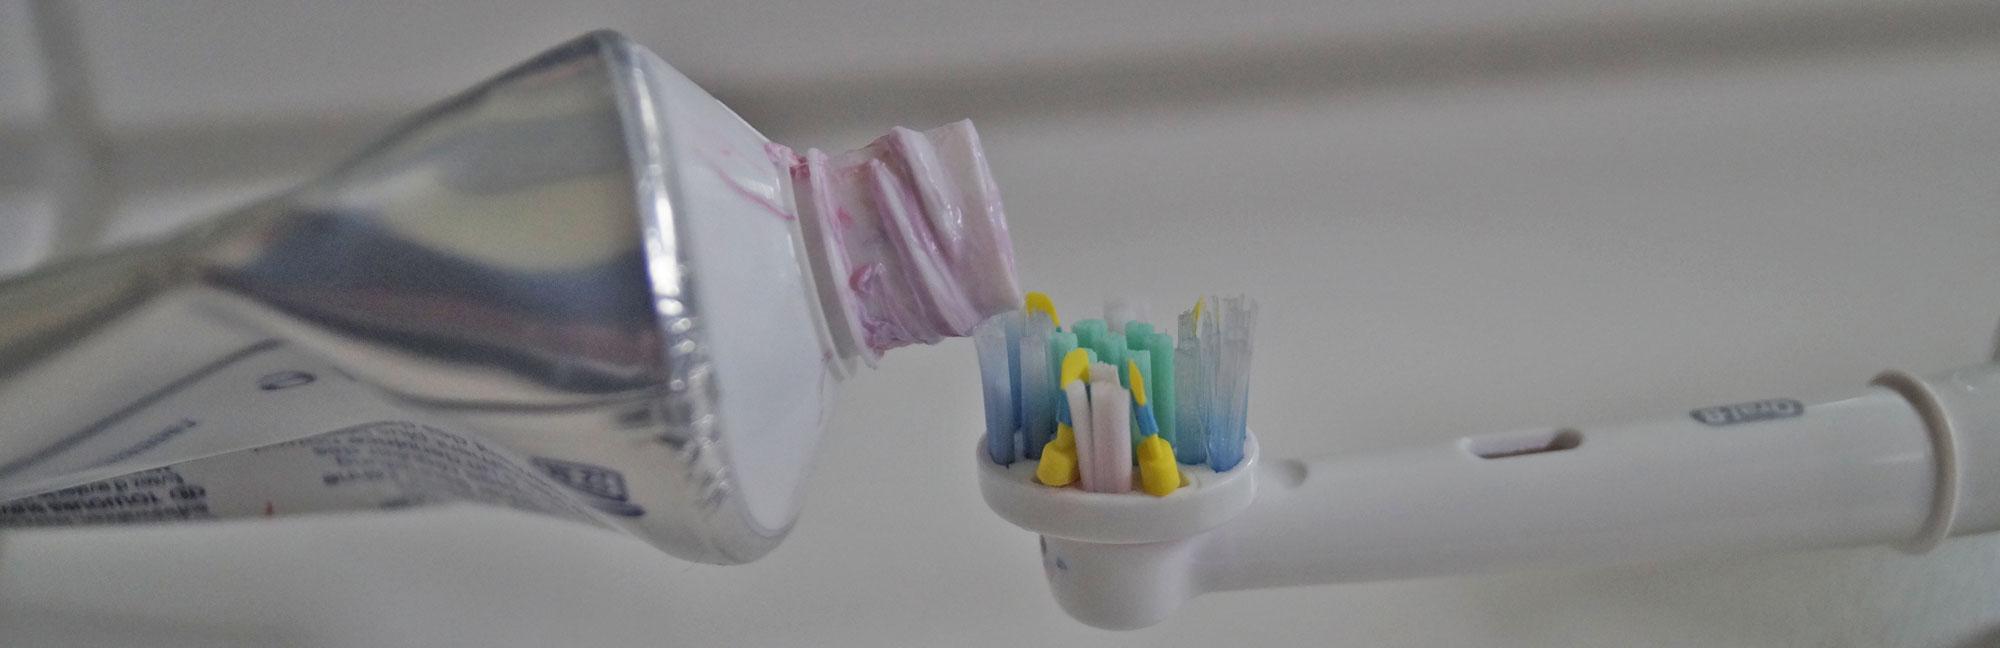 Zahnbürste und Zahncreme | RDA-Werte von Zahnpasta